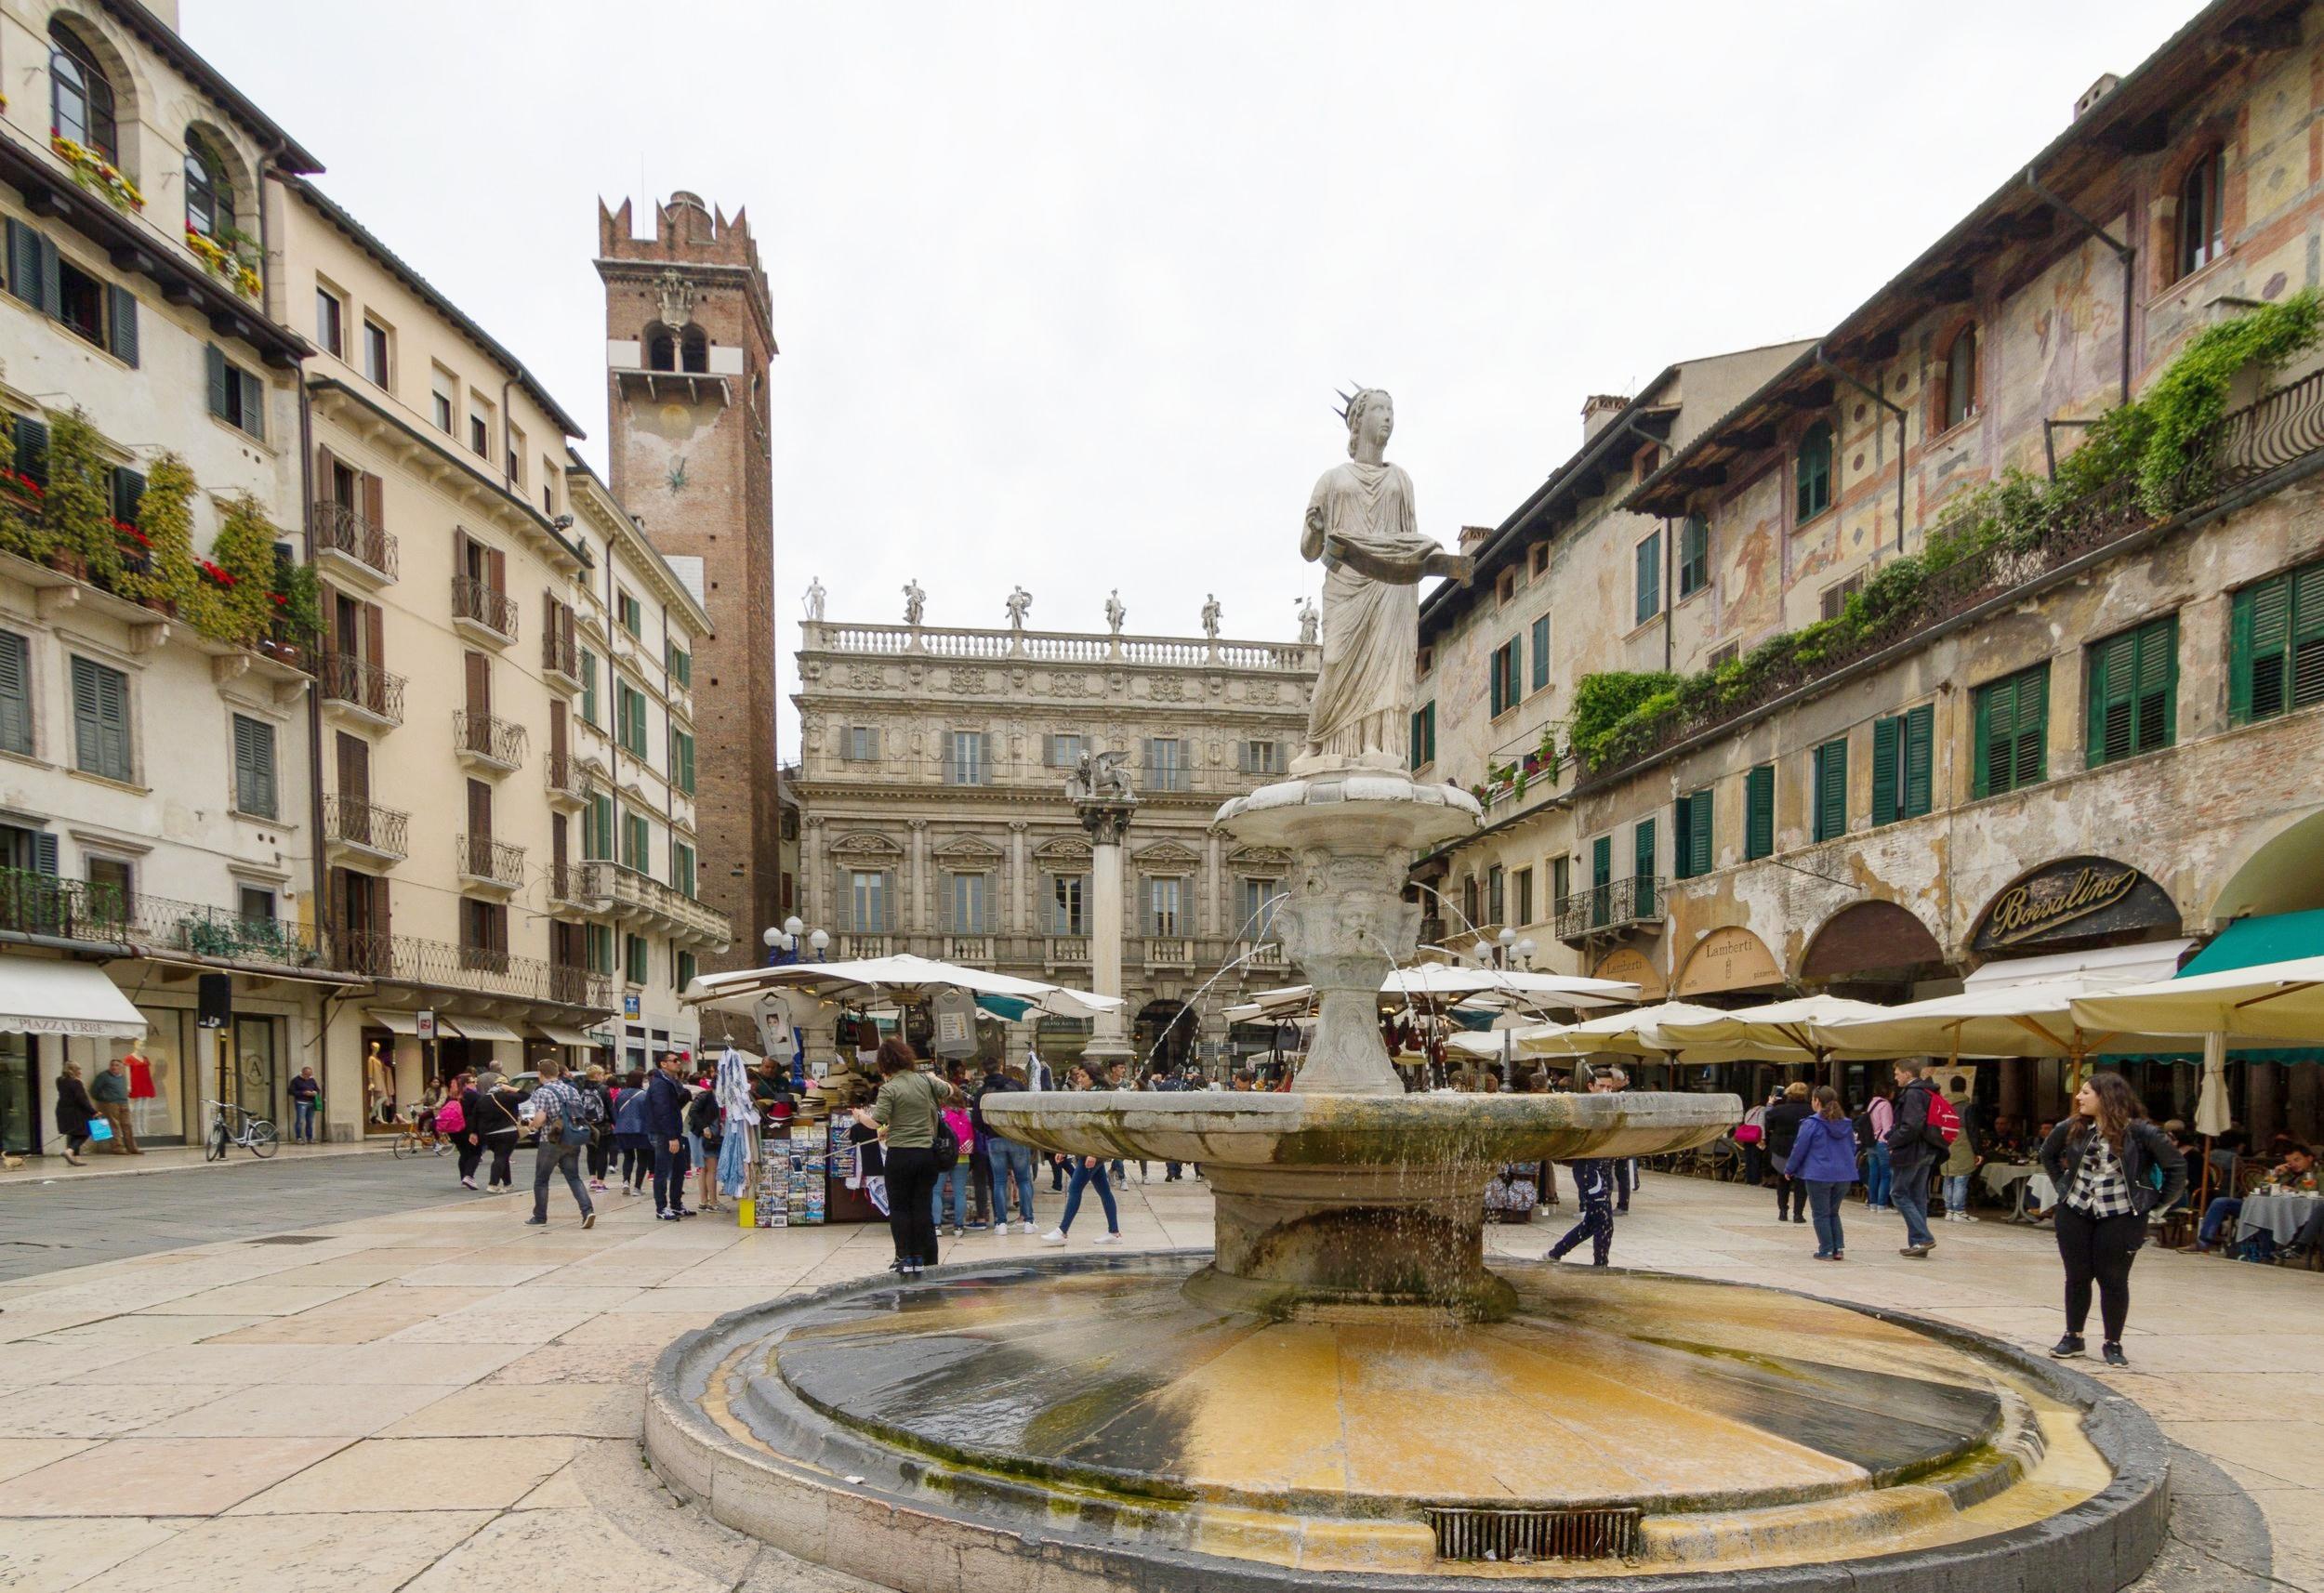 Piazza_delle_Erbe_Verona.jpg